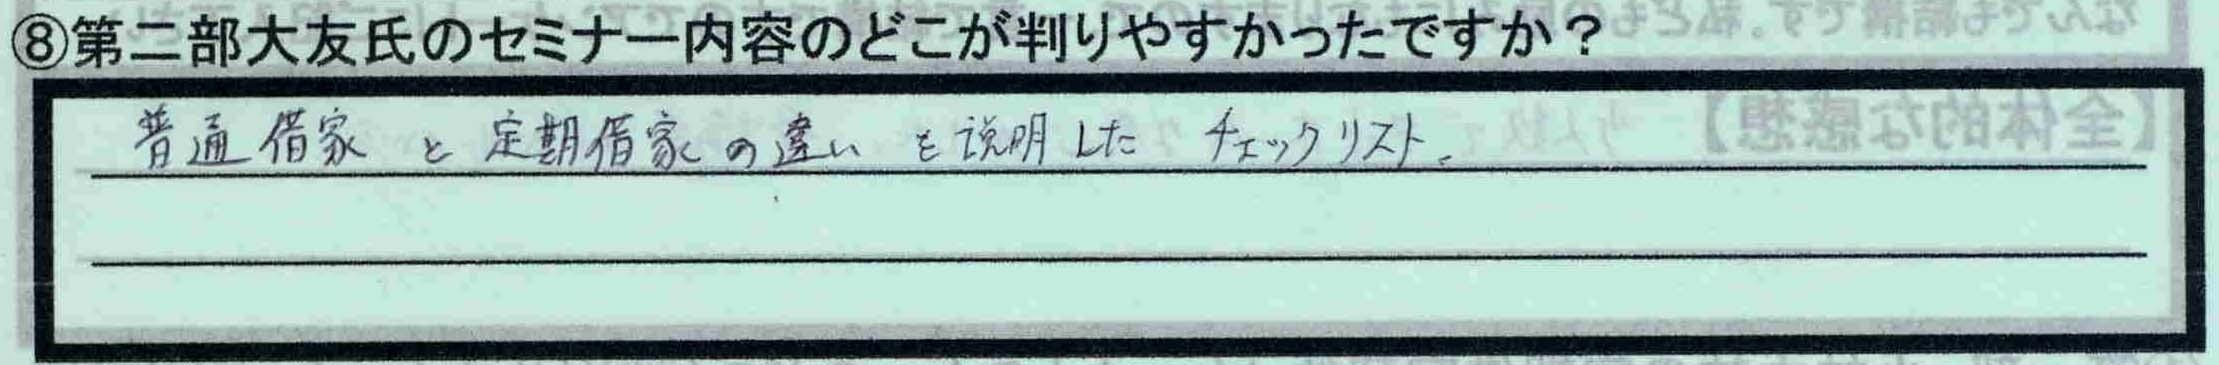 【東京都中央区】【小原洋一さん】【二部どこが判りやすか】